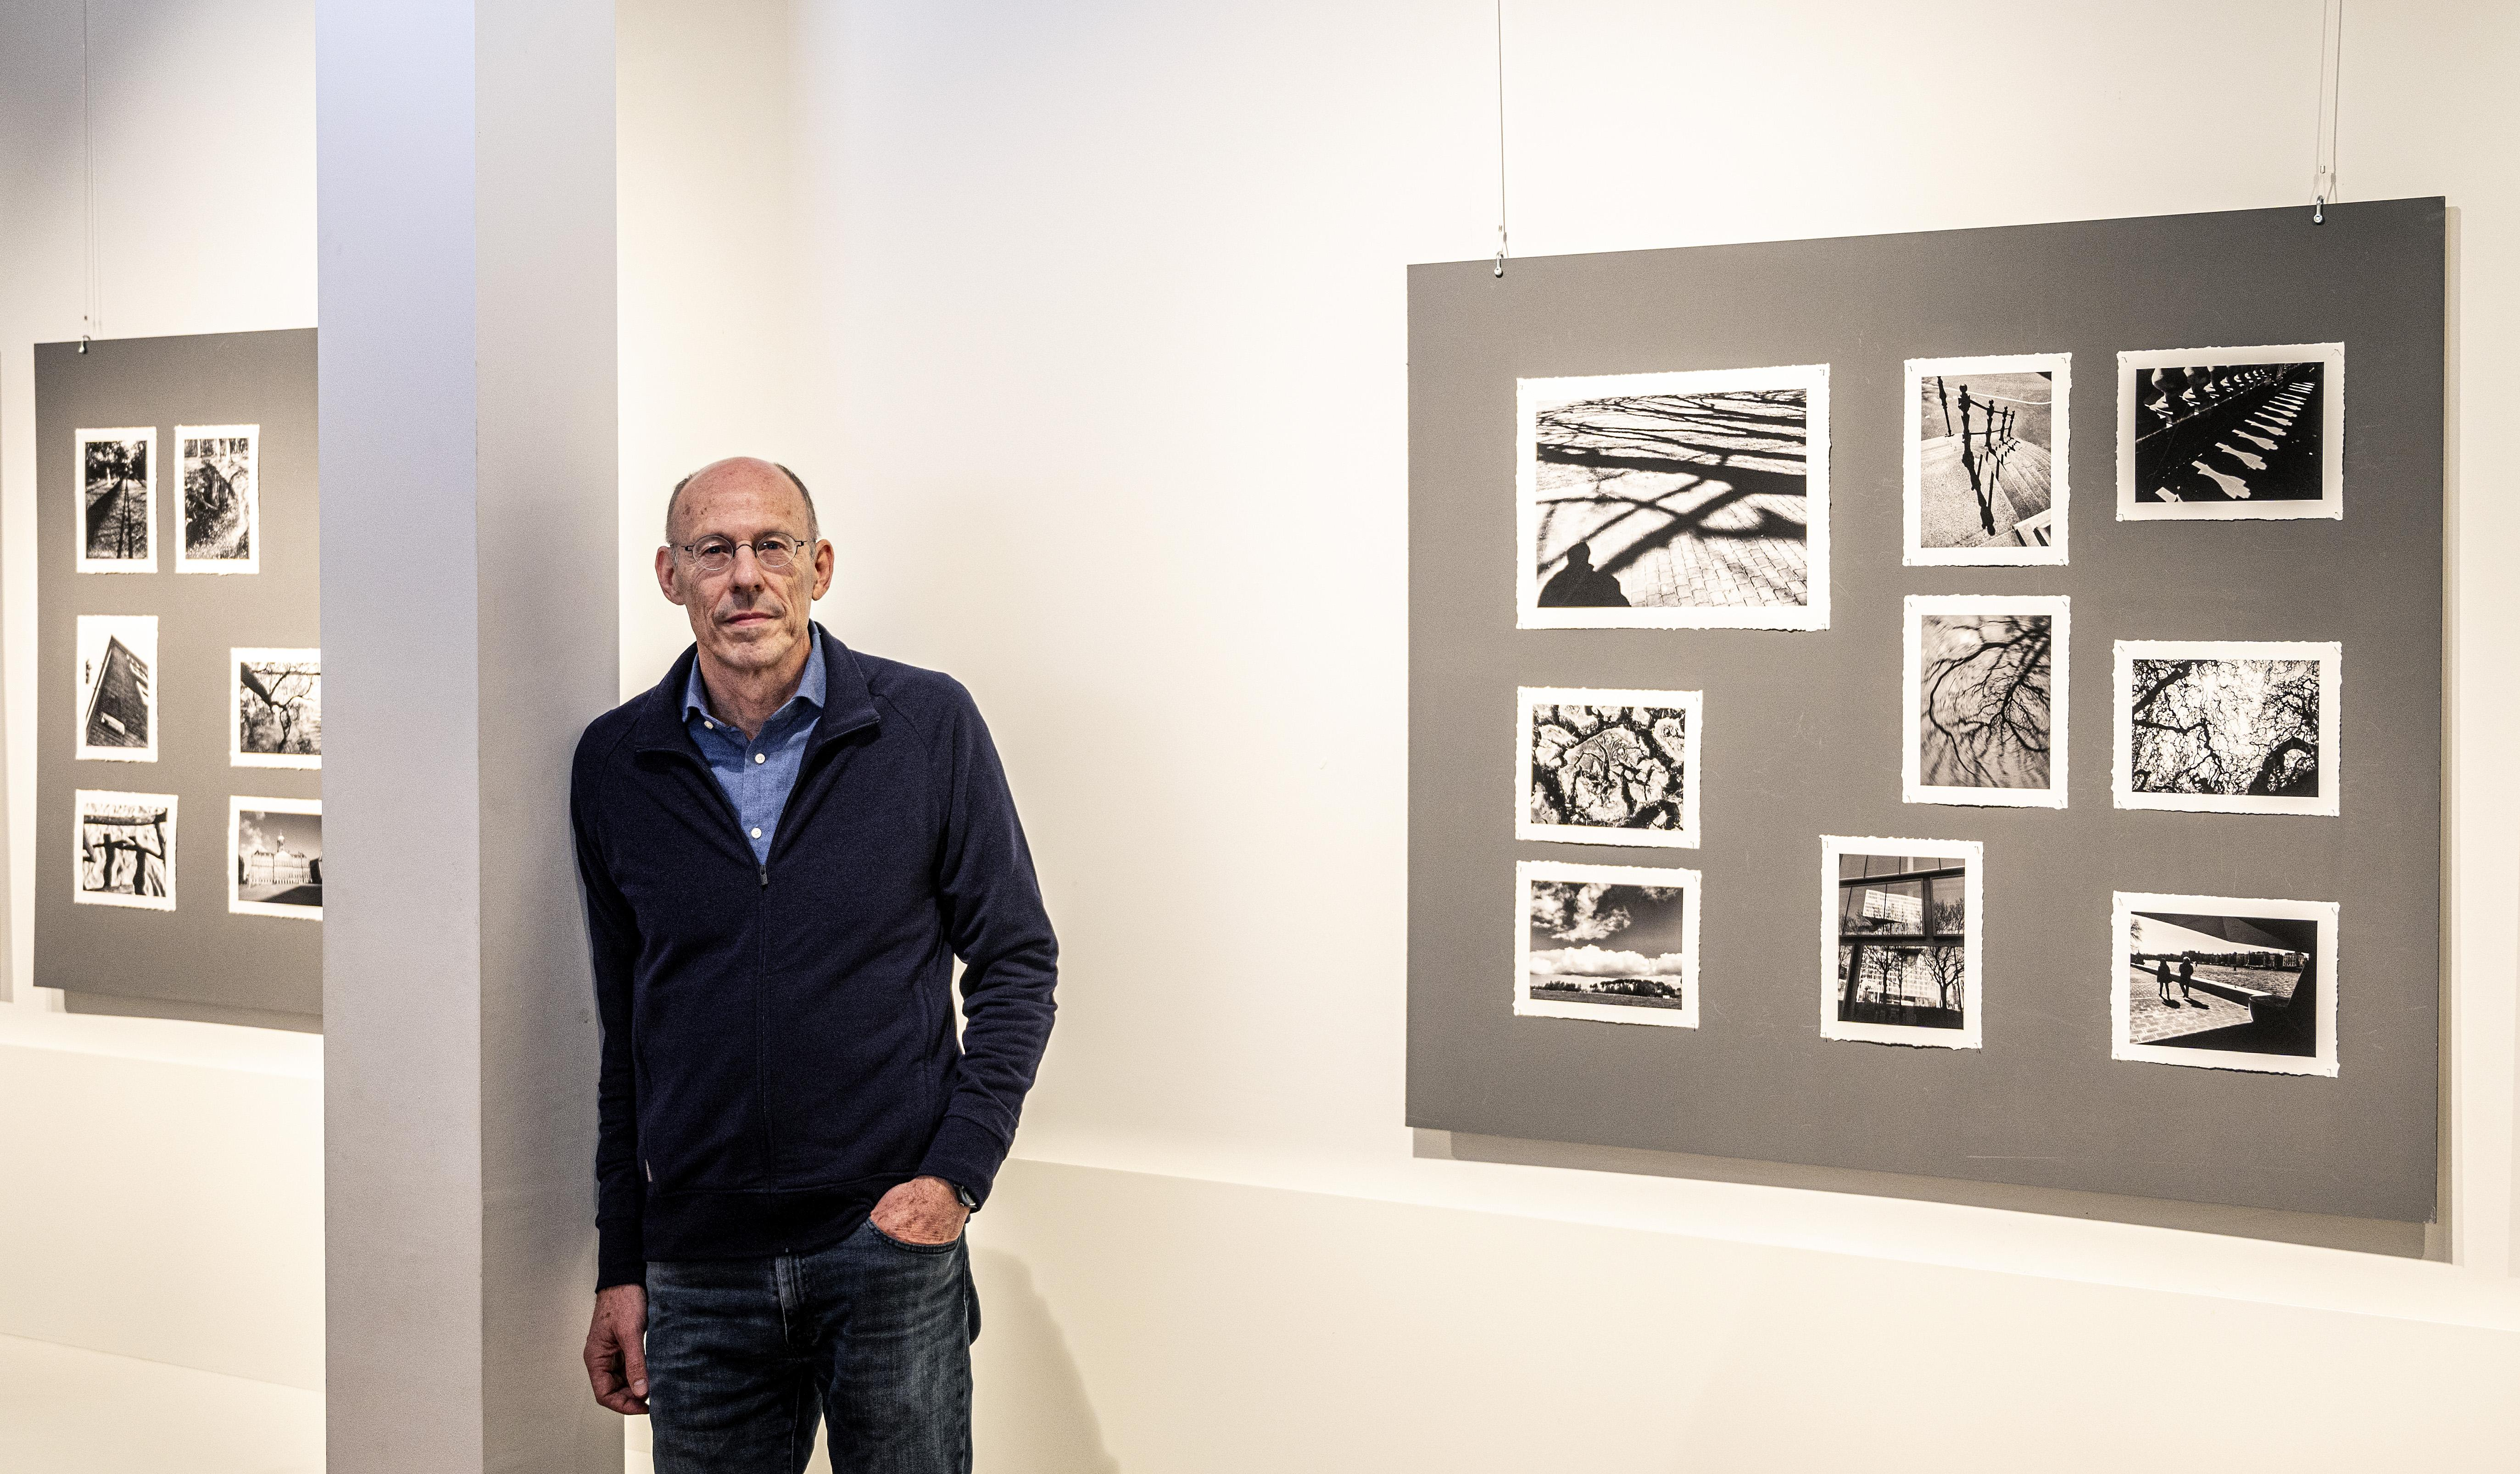 Tentoonstelling Fotograaf Michiel Goudswaard legt verstilling in coronatijd vast in zwart-wit: 'Serie is intuïtief ontstaan'